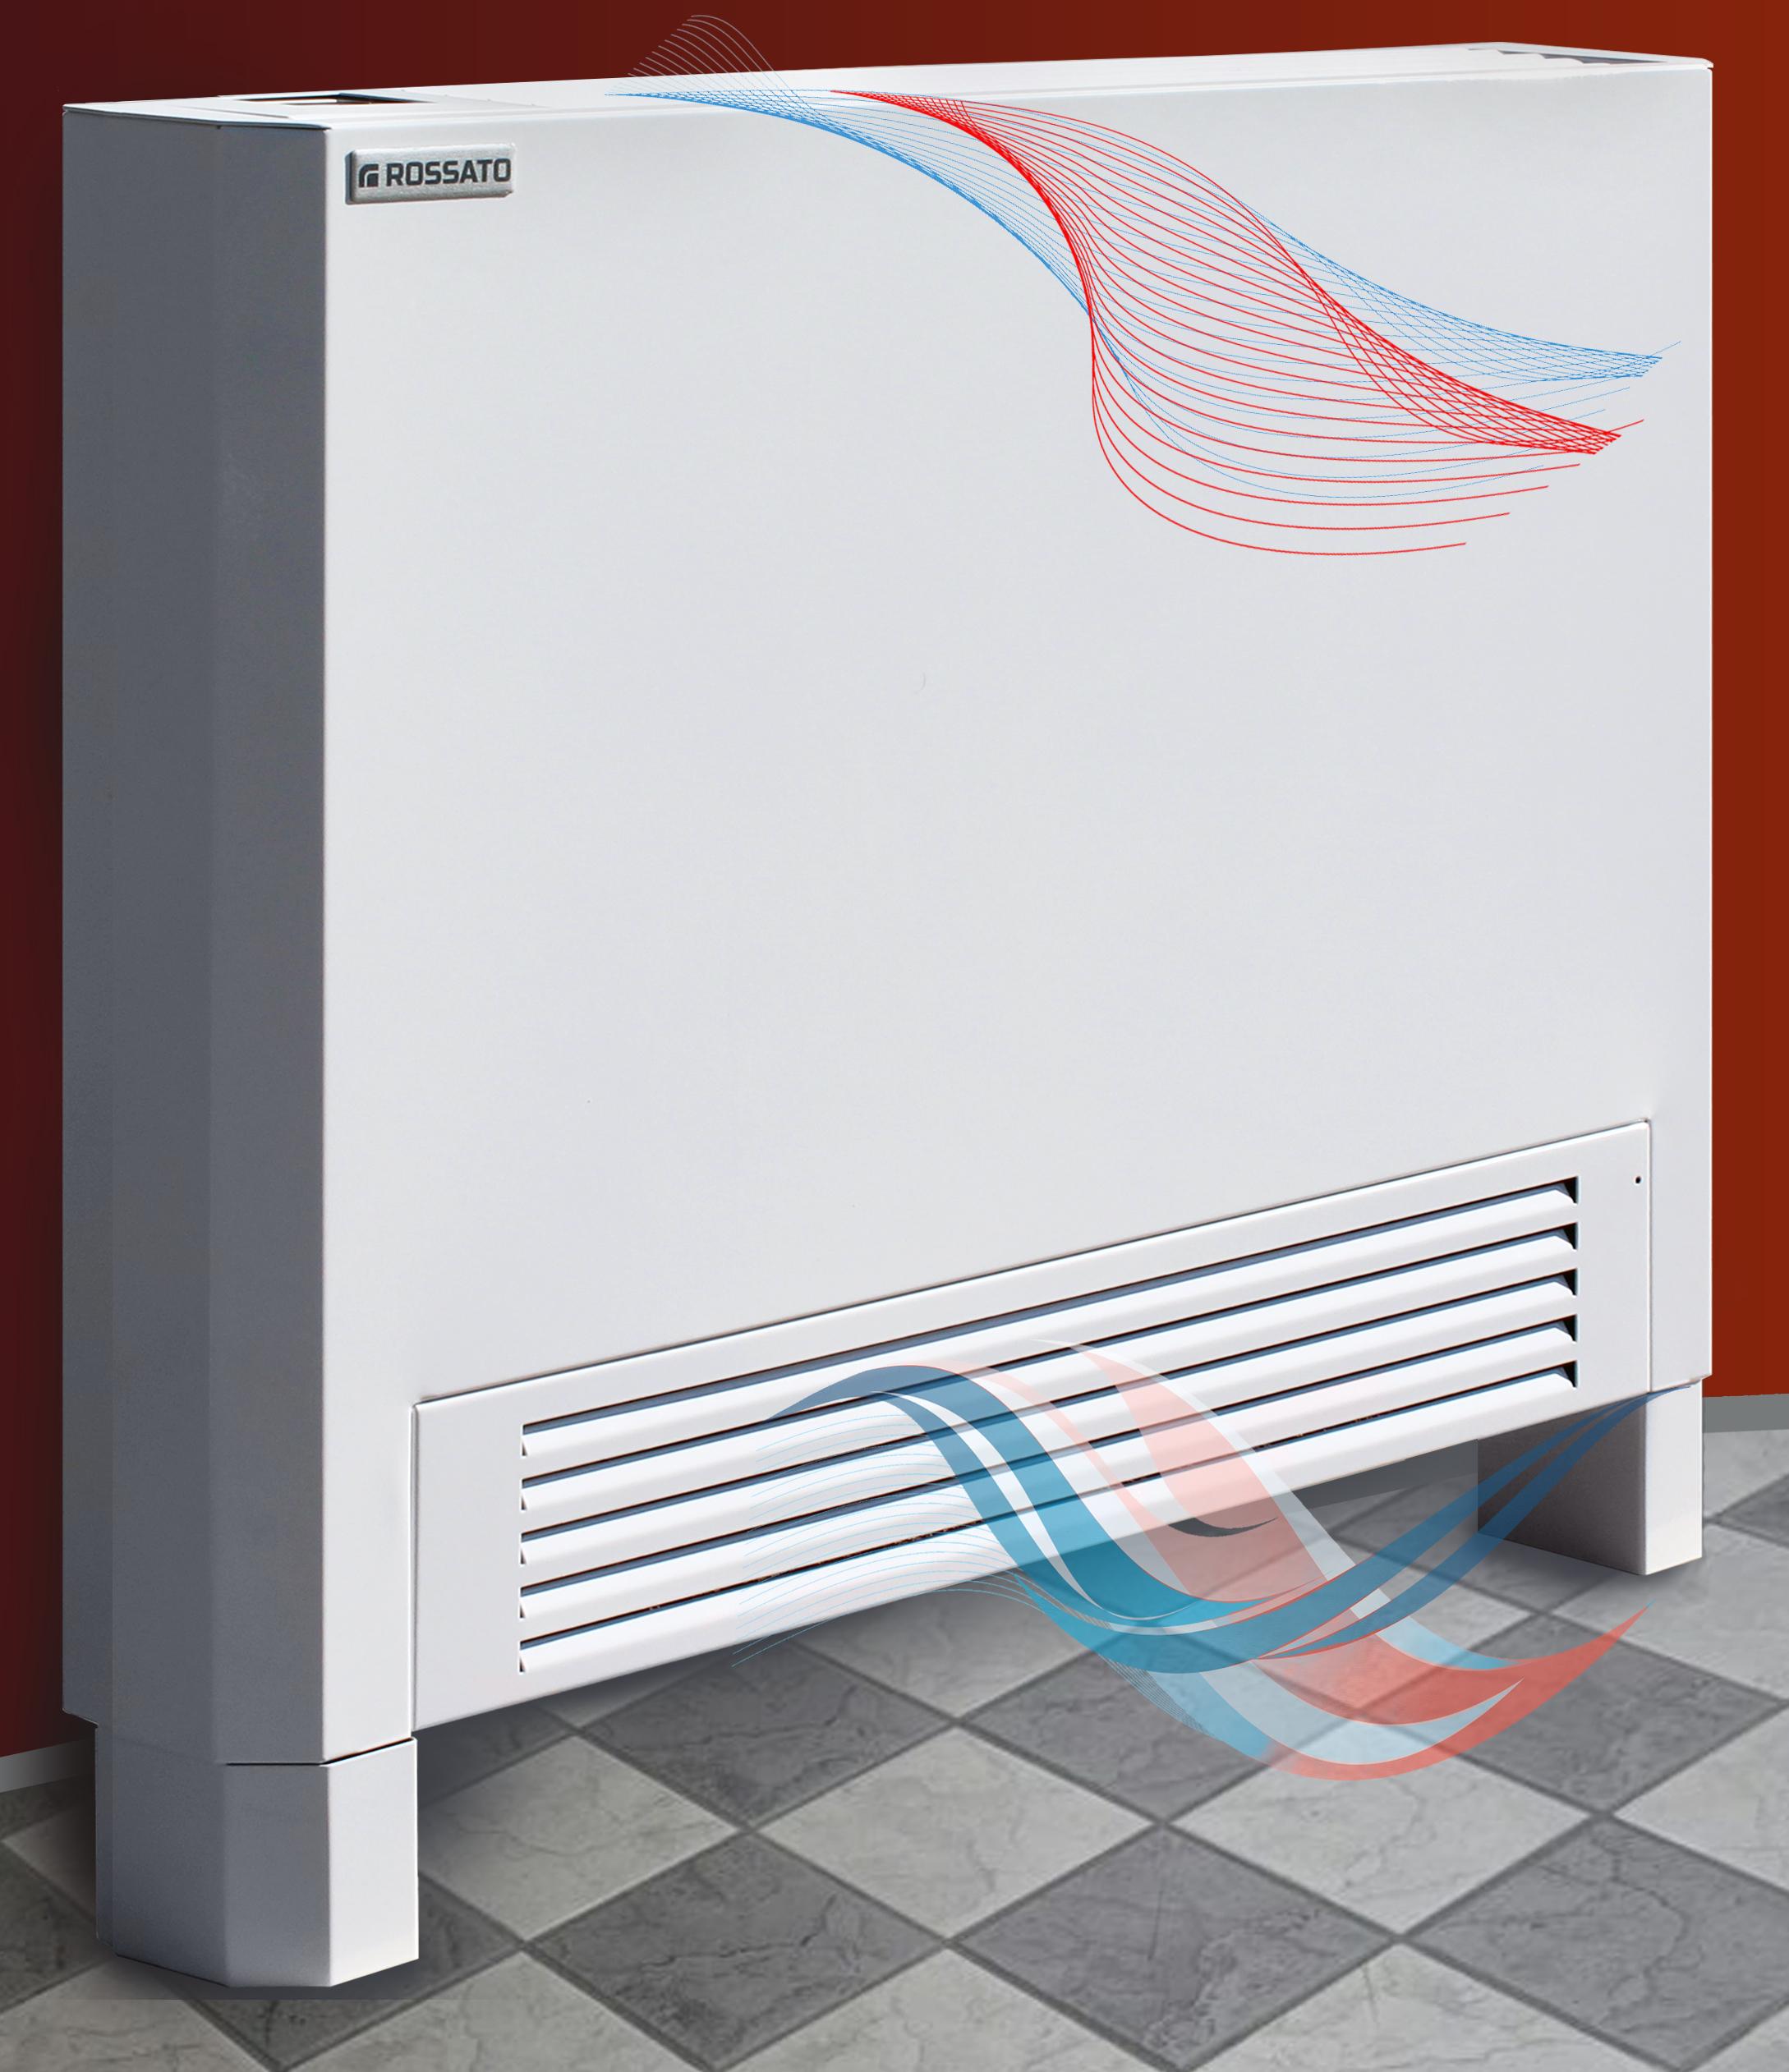 Pompa Di Calore Ventilconvettori ventilconvettori a bassa temperatura - rci – riscaldamento